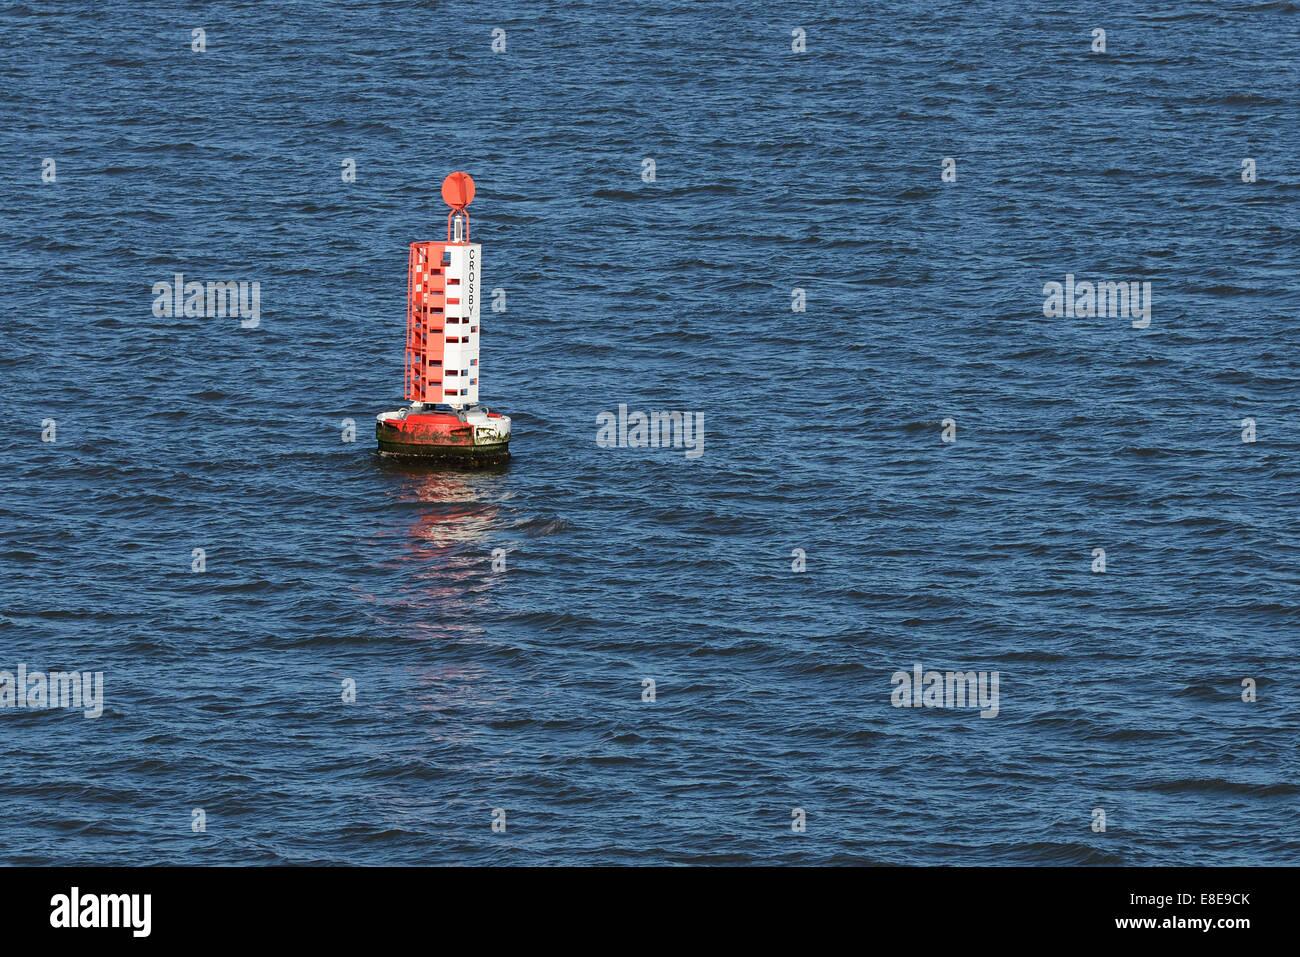 Navigazione marcatura di boa la spedizione sicura canale del fiume Mersey vicino Crosby MERSEYSIDE REGNO UNITO Immagini Stock